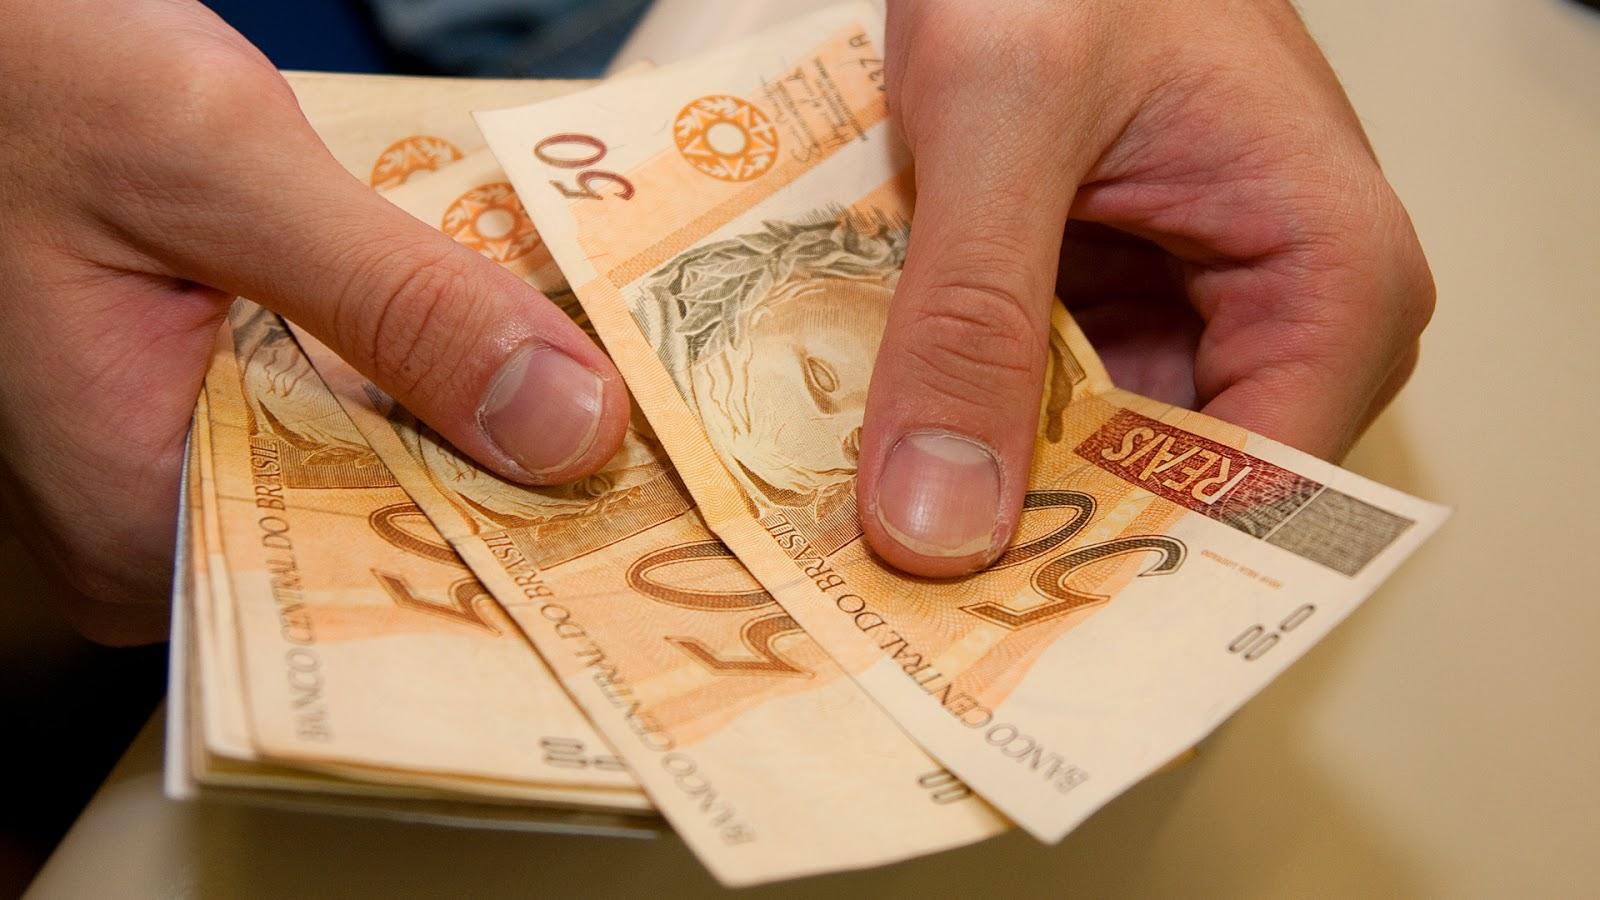 Governo propõe salário mínimo de R$ 1.147 para 2022, sem aumento acima da inflação